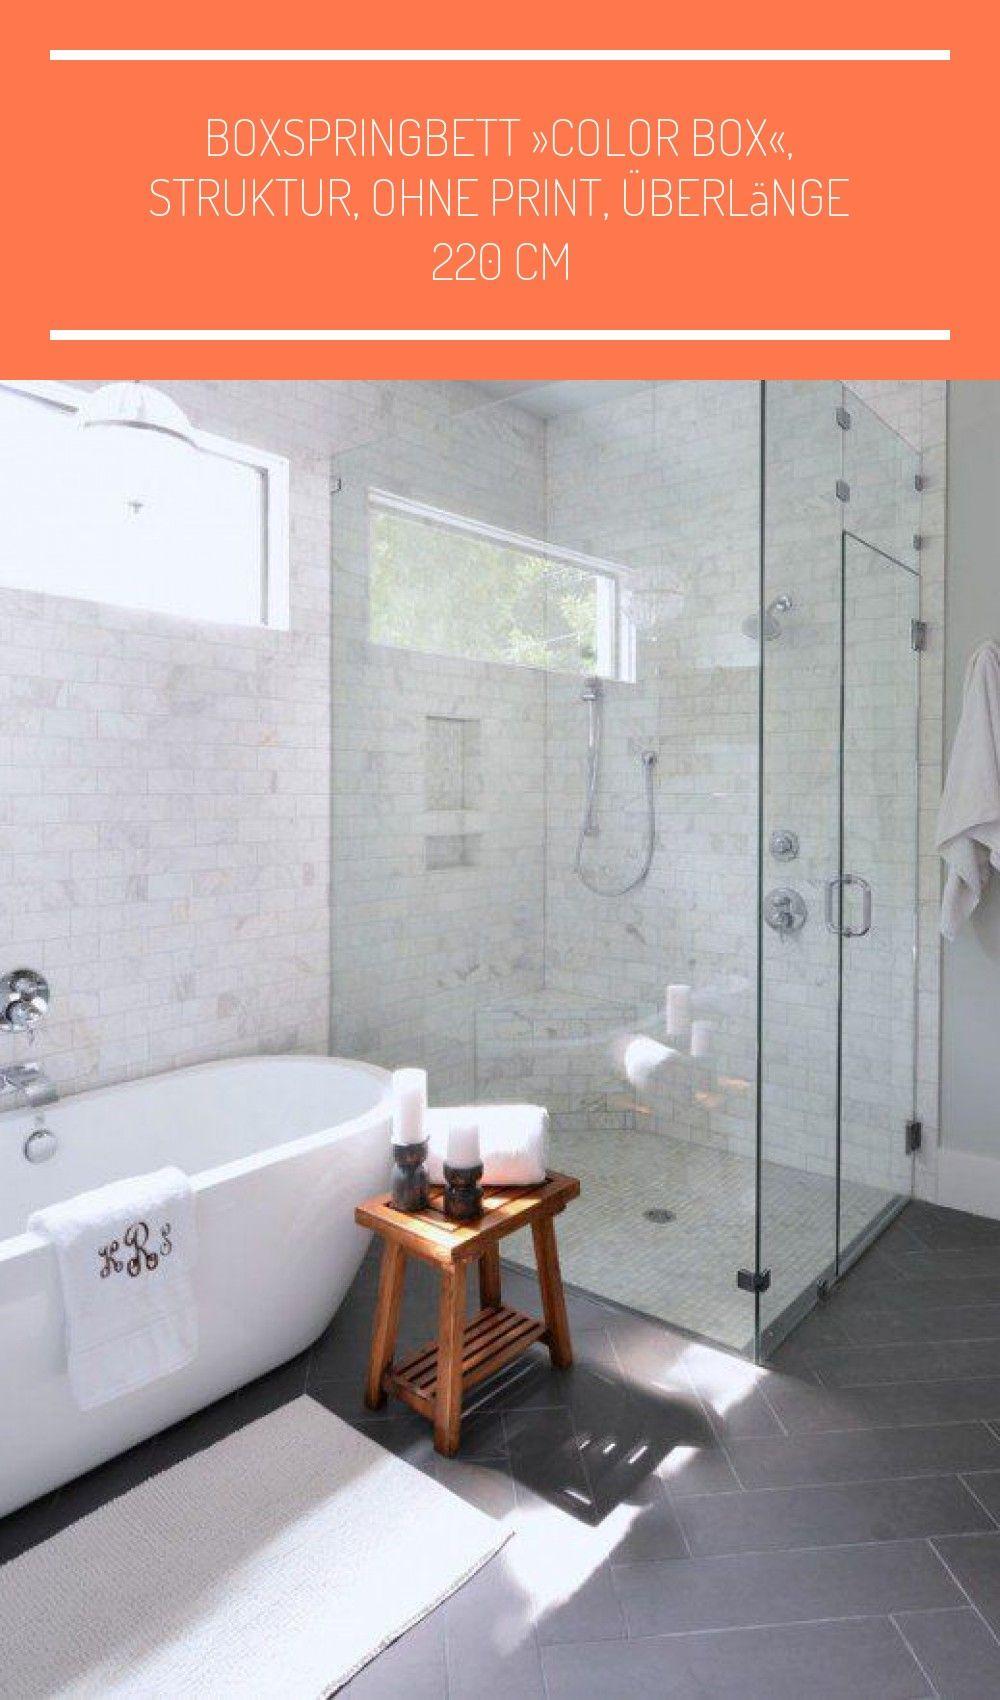 25 Tolle Badezimmer Designs Fur Den Ubergang Die In Jedes Zuhause Passen Badezimmerdes In 2020 Modern Farmhouse Bathroom Farmhouse Bathroom Decor Farmhouse Bathroom